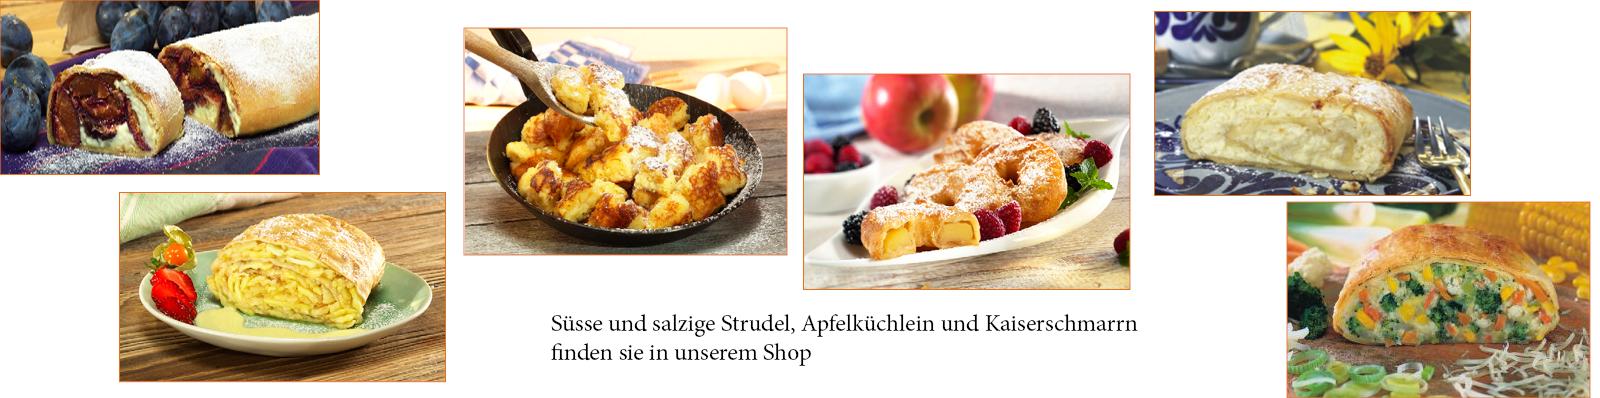 Strudel_und_Apfelkchlein_aug_20